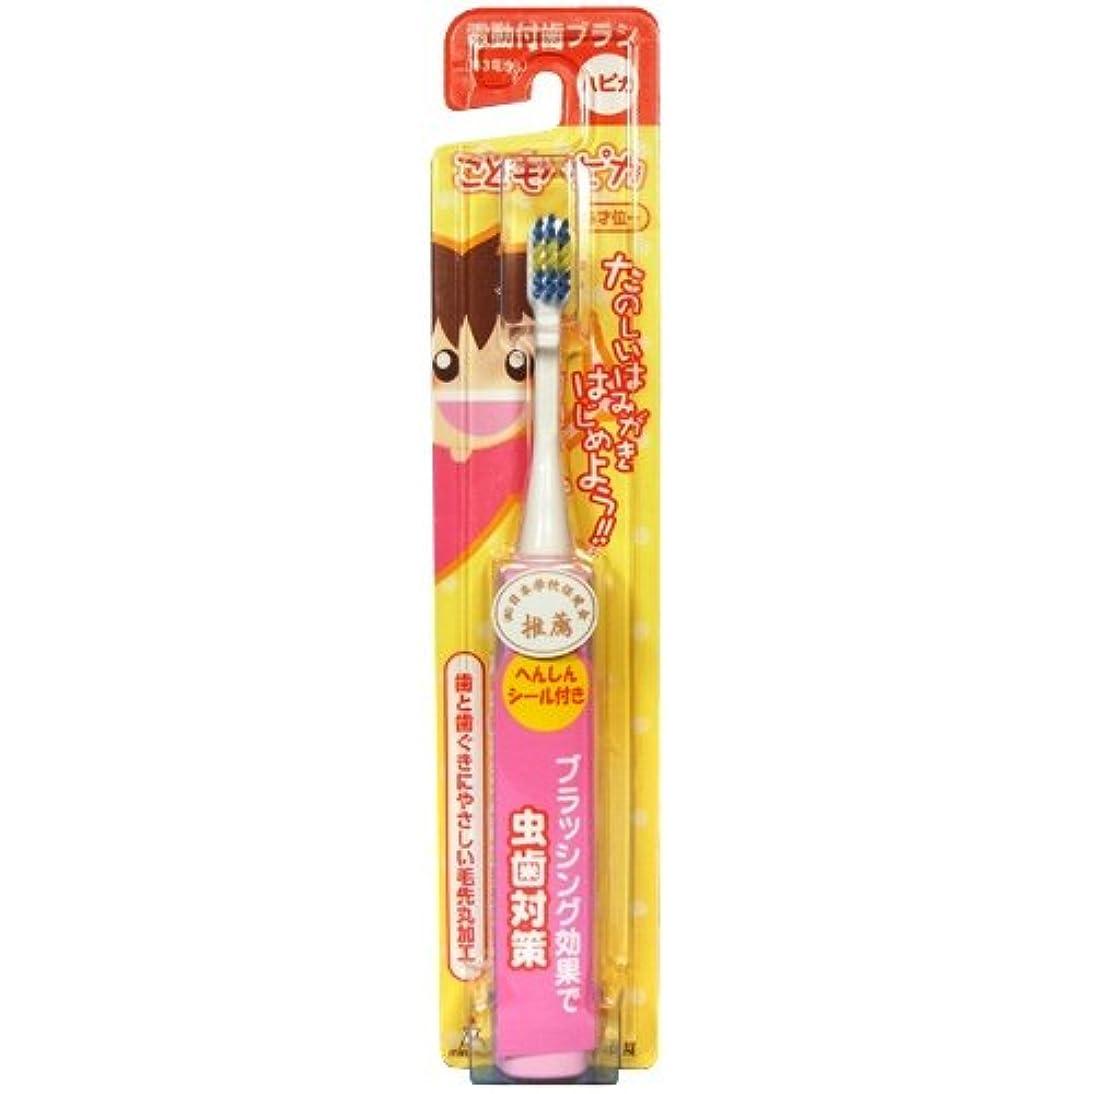 血桁としてミニマム 電動付歯ブラシ こどもハピカ ピンク 毛の硬さ:やわらかめ DBK-1P(BP)